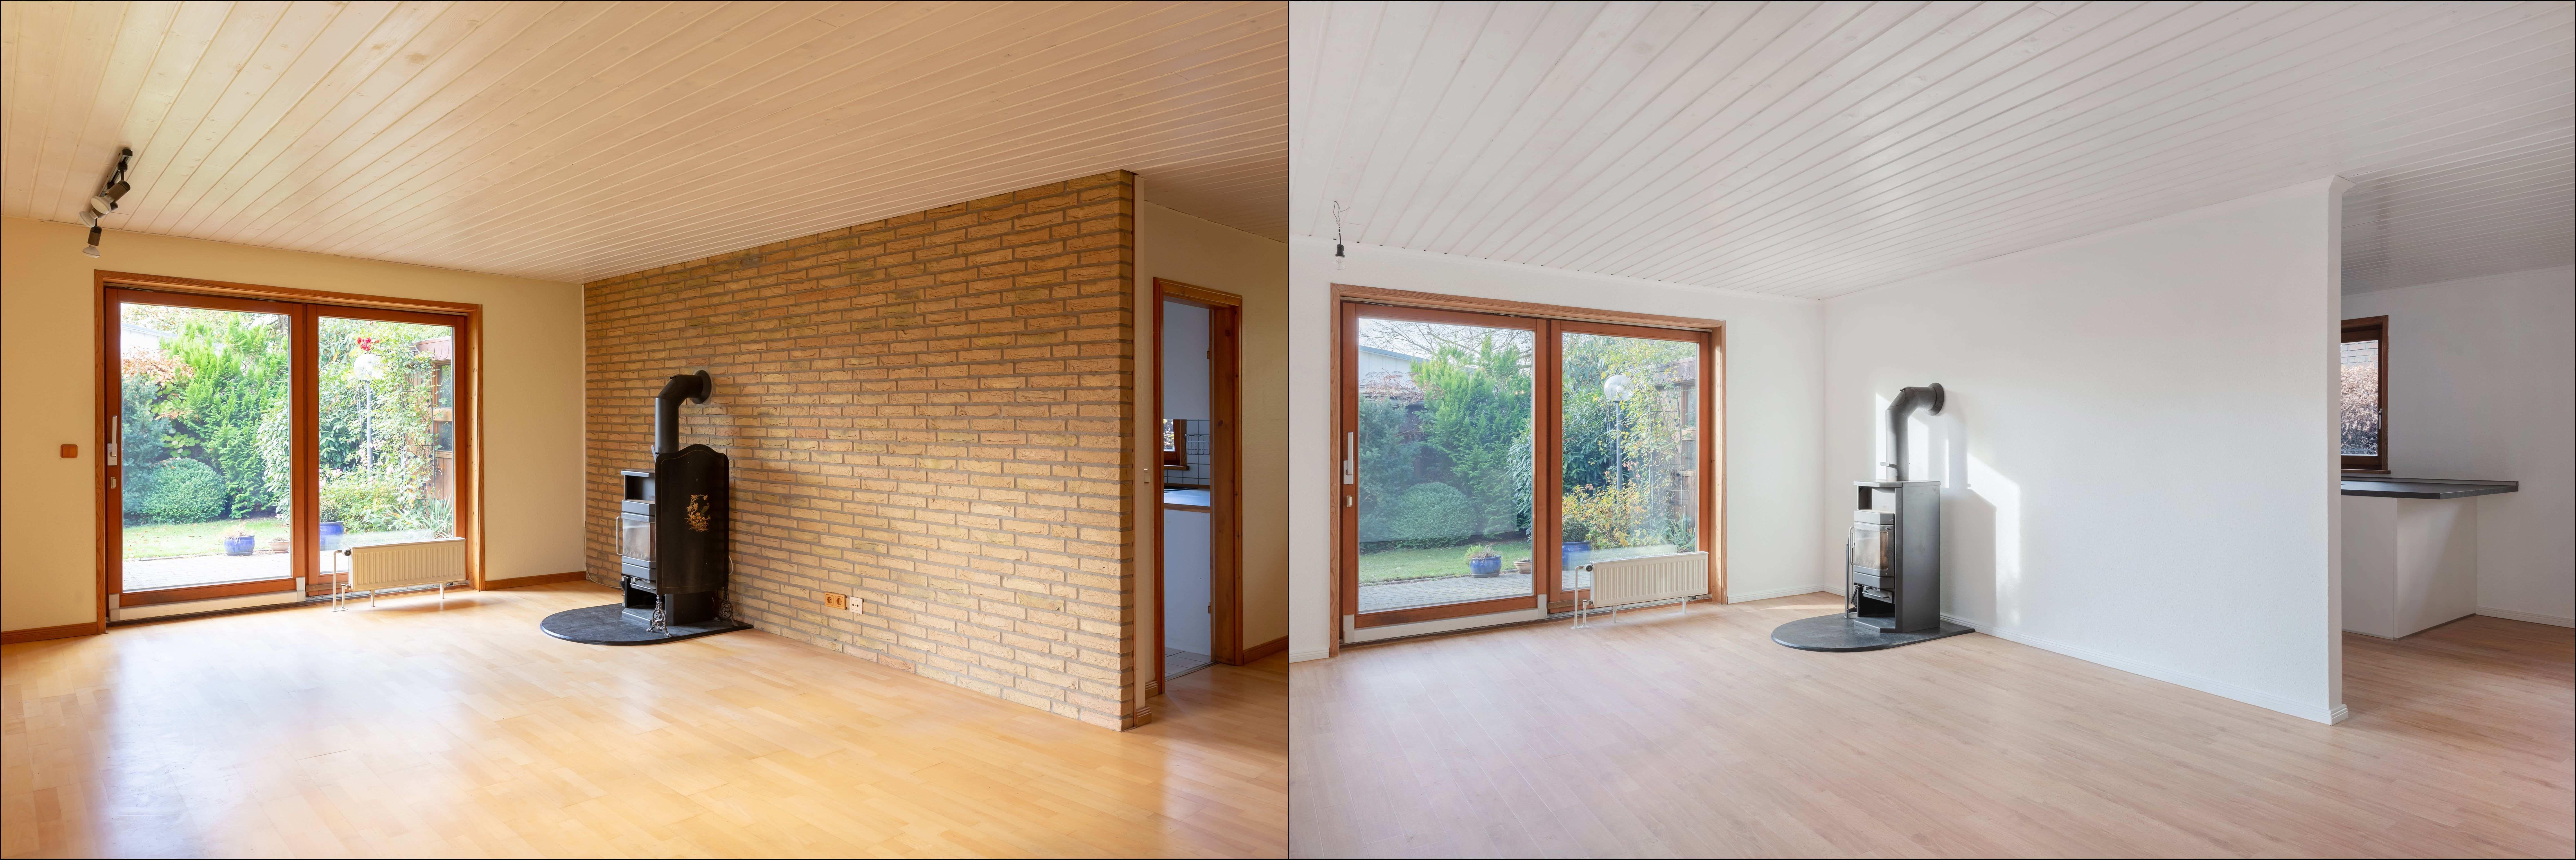 Ein renoviertes OWNR Wohnzimmer